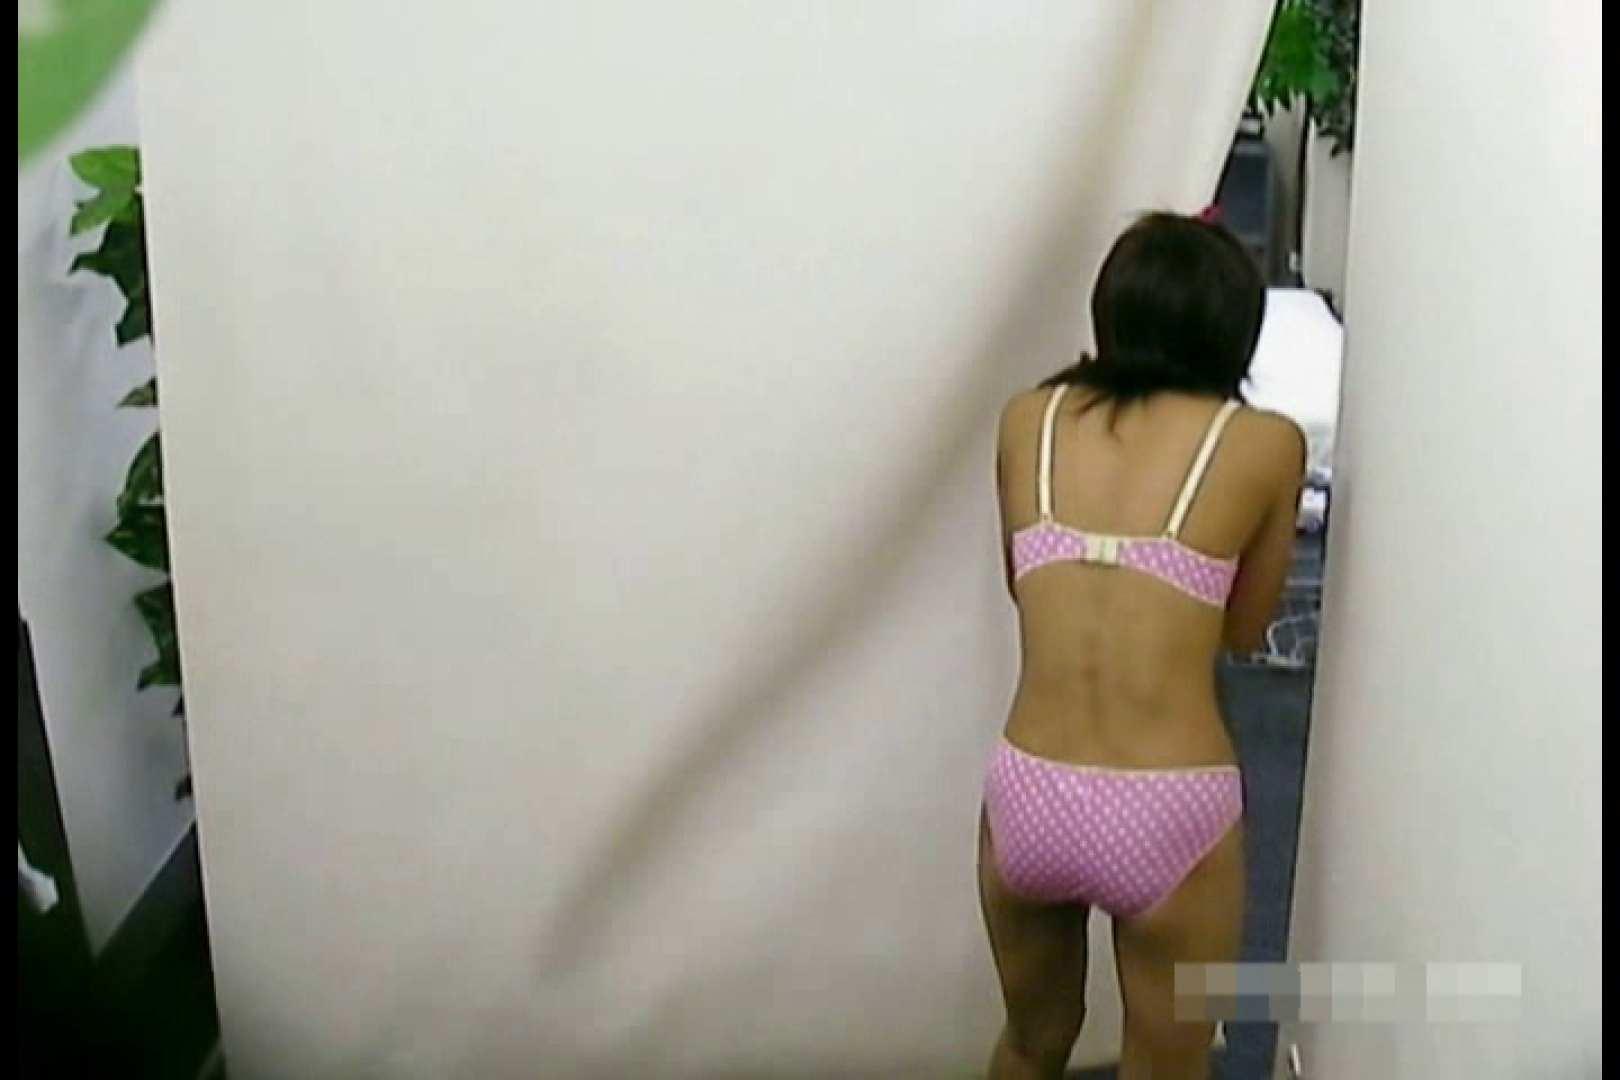 素人撮影 下着だけの撮影のはずが・・・エミちゃん18歳 素人 戯れ無修正画像 107pic 20